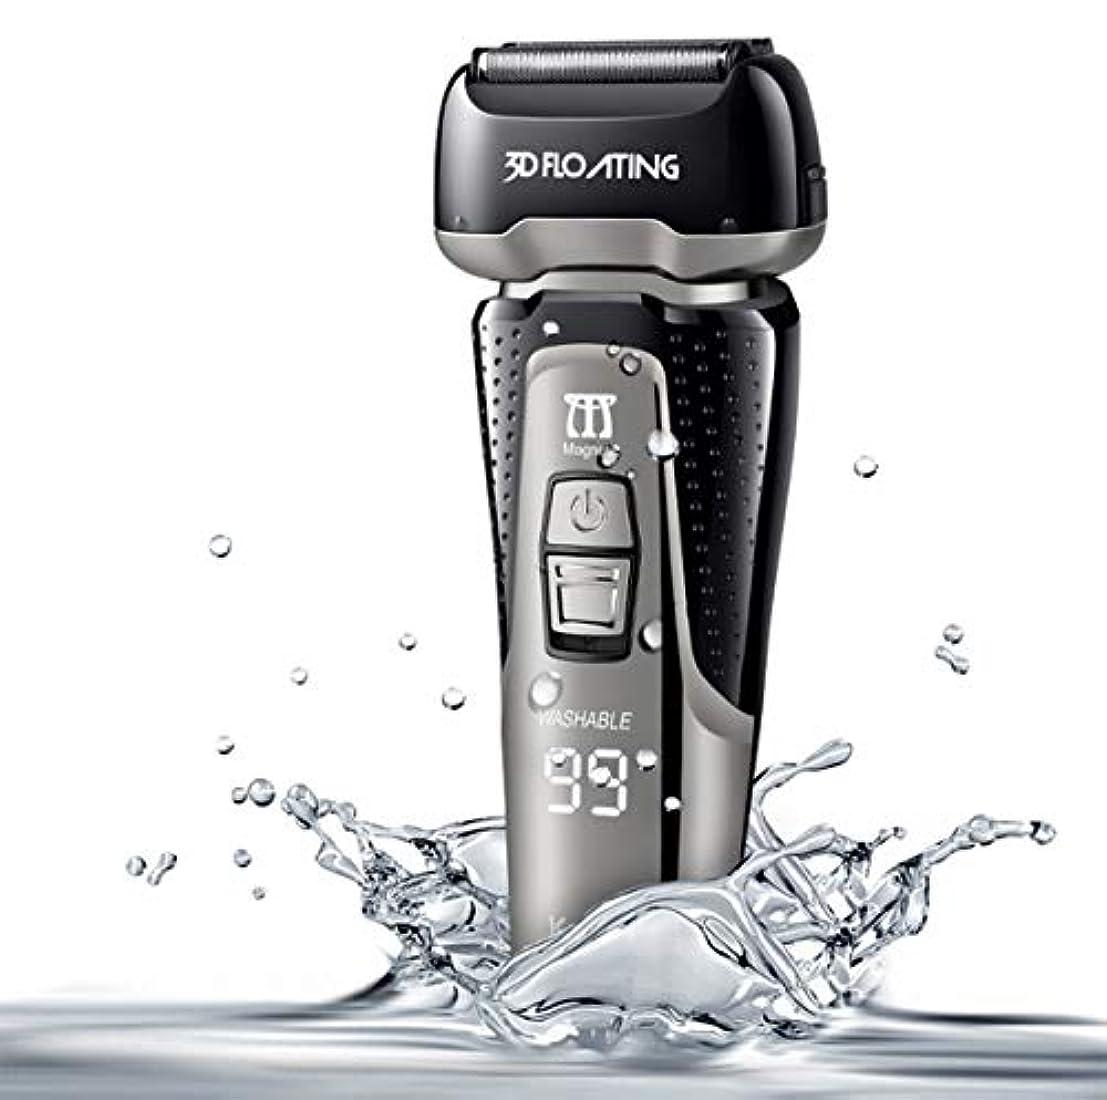 あざ作動する味わうひげそり 電動 メンズシェーバー 電気カミソリ 電動髭剃り リニアモーター搭載 IPX7防水 本体丸洗い 3枚刃 USB充電式 持ち運び便利